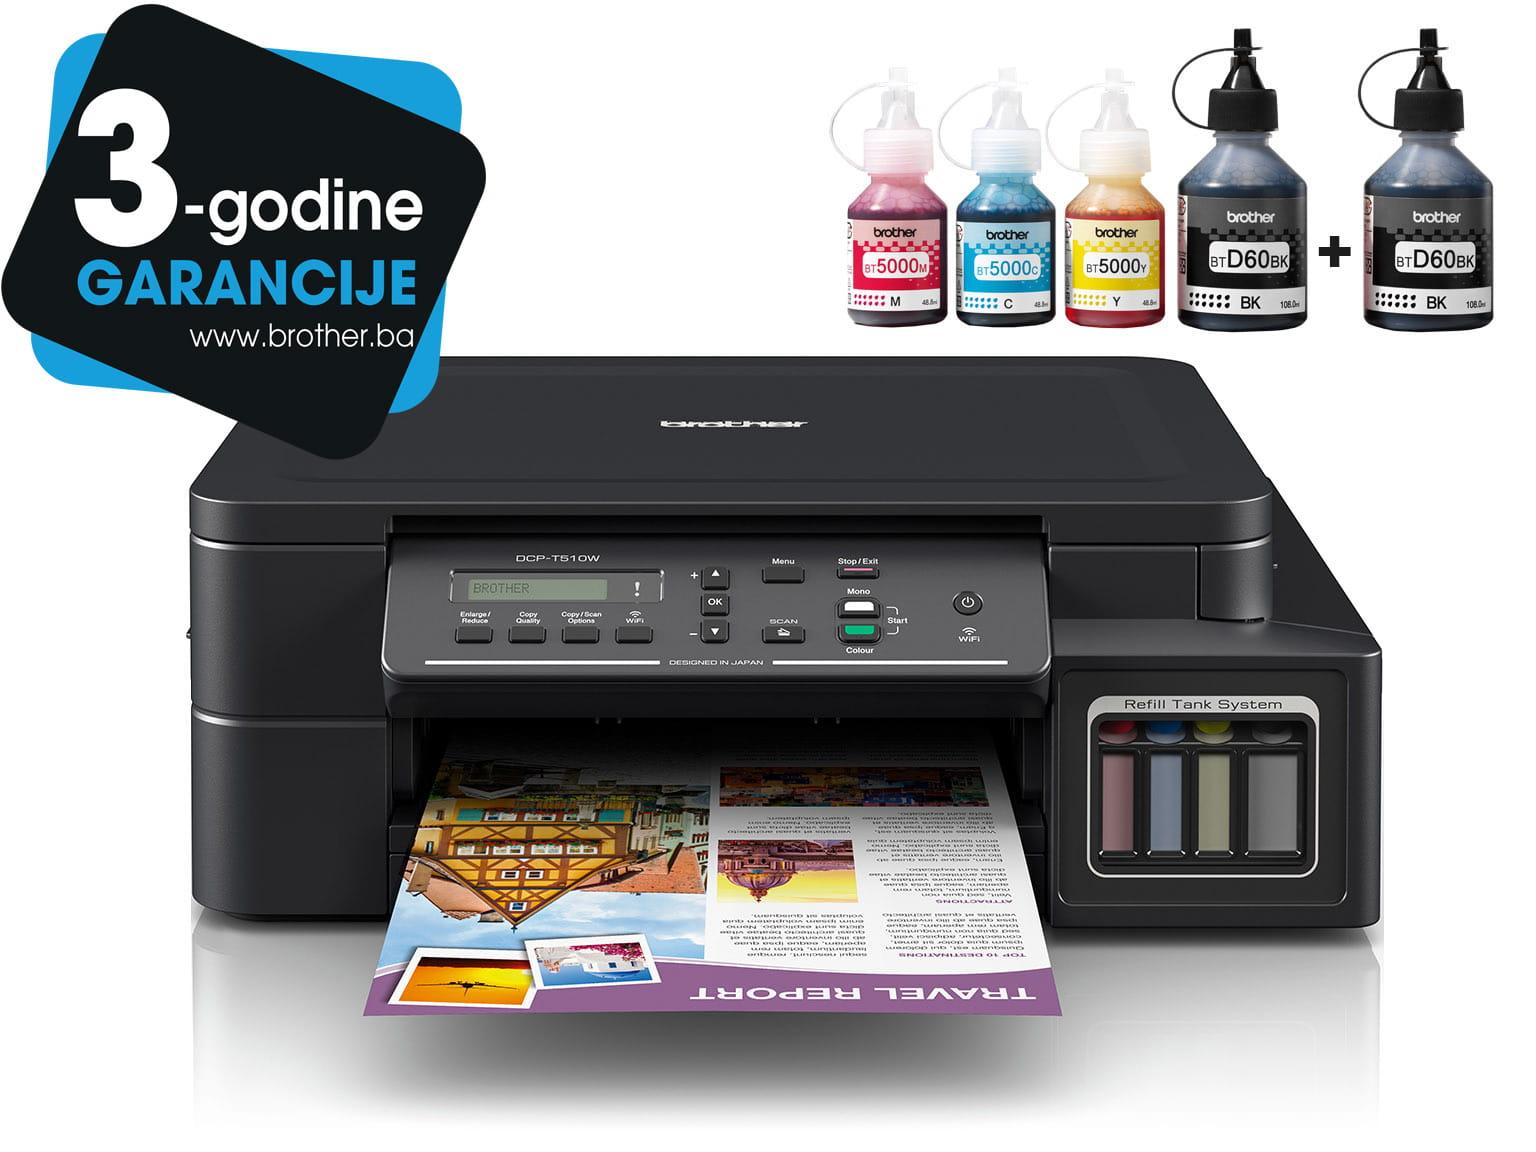 DCP-T510W InkBenefit Plus tintni višenamjenski uređaj Brother s logotipom 3 godine jamstva i bočicama tinte